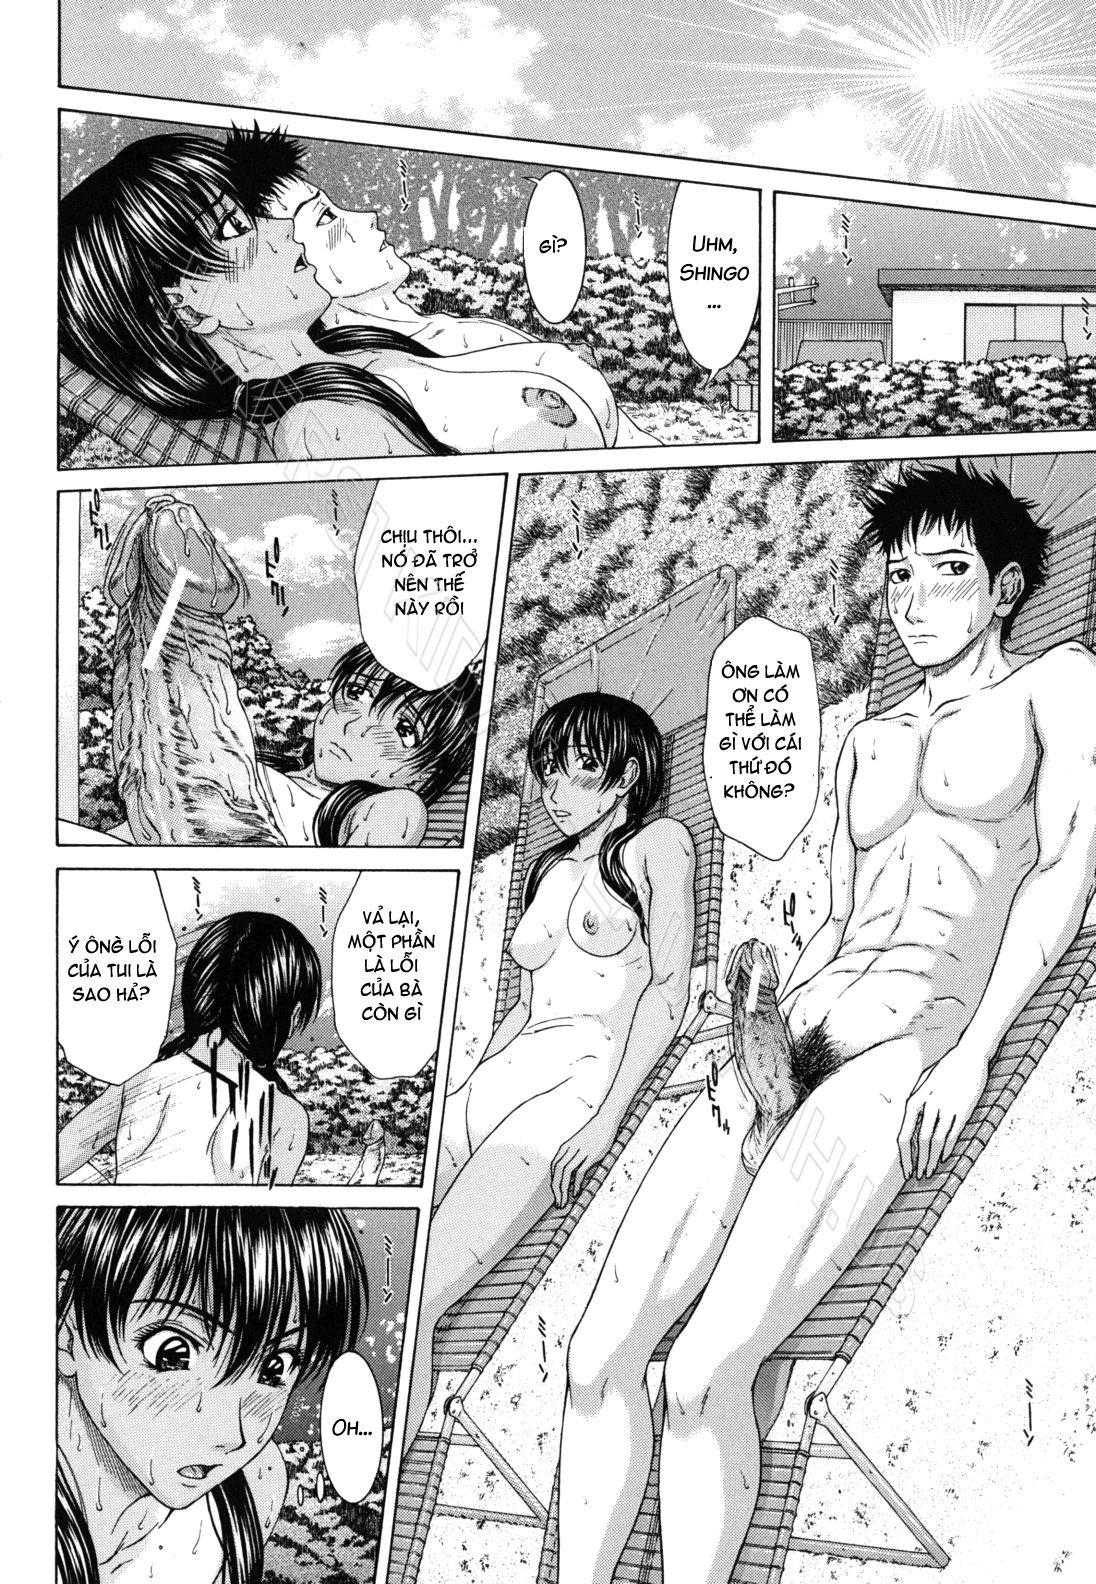 Hình ảnh nudity www.hentairules.net 179%2Bcopy in Nong lồn em ra đi anh